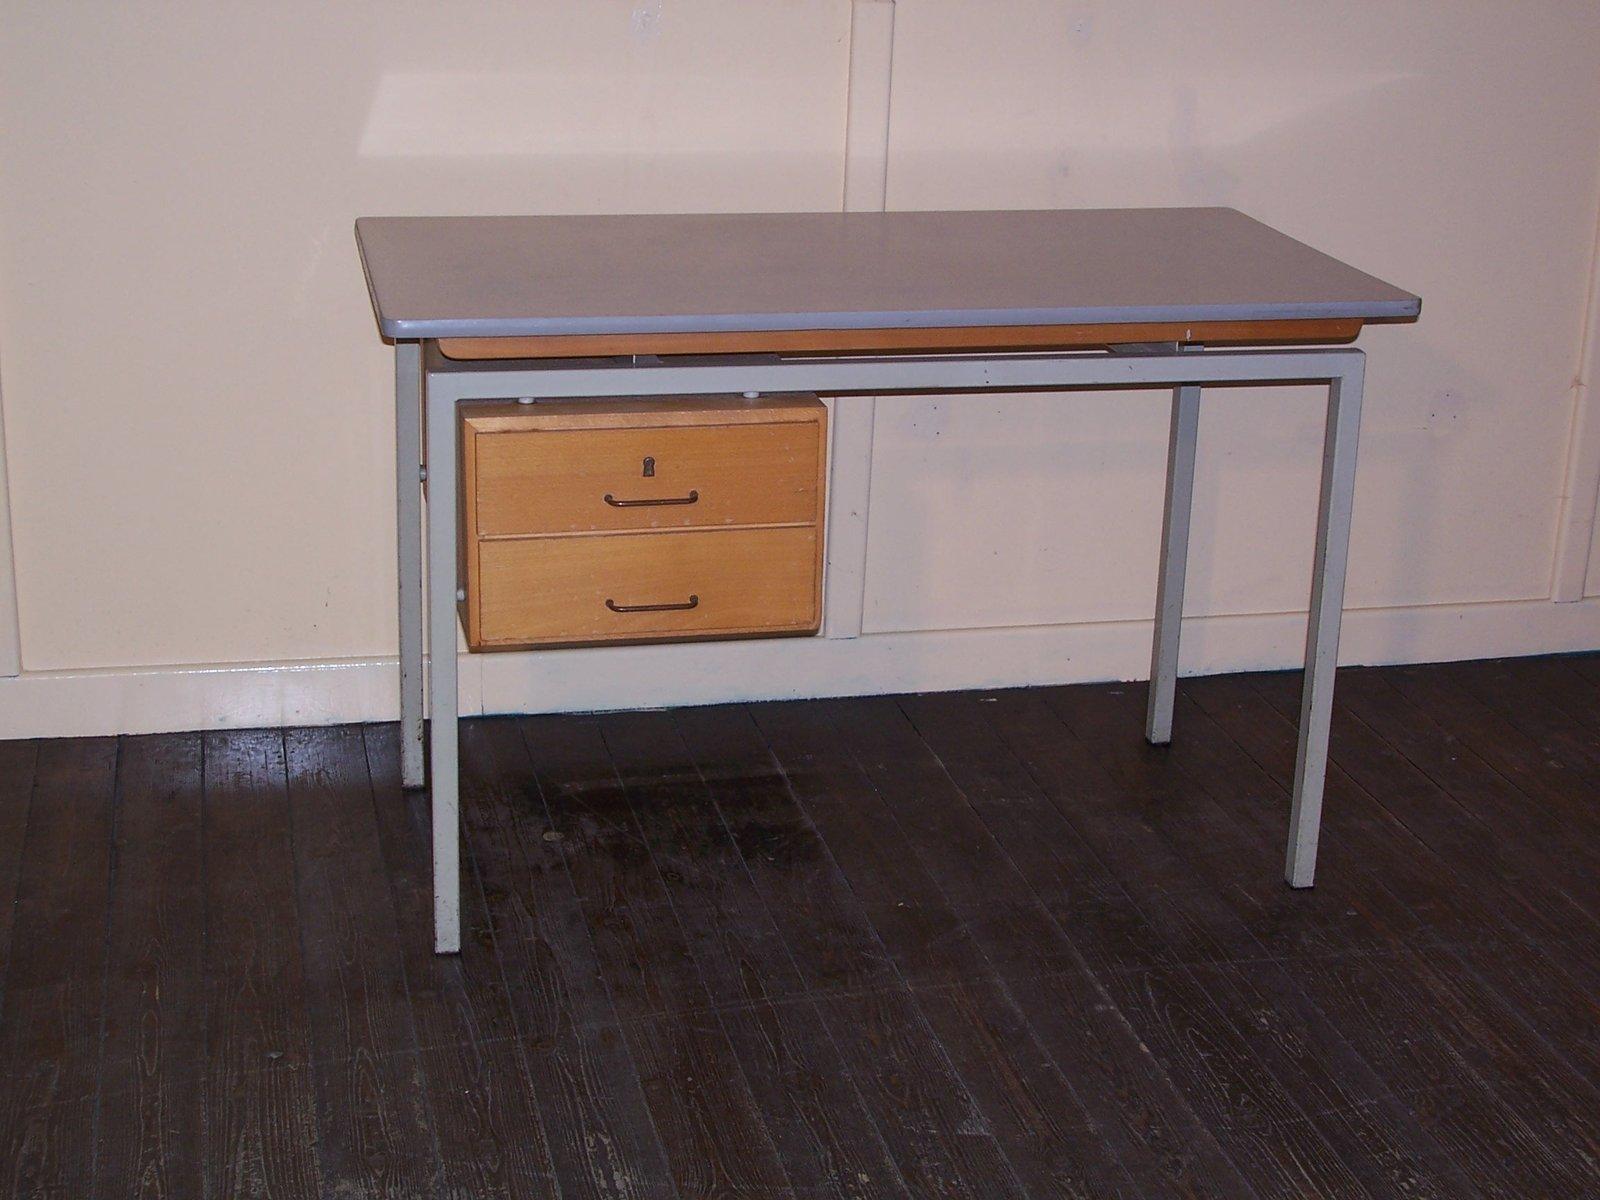 Scrivania Vintage Bianca : Scrivania vintage legno bianca: tavolo da riunione per ufficio il